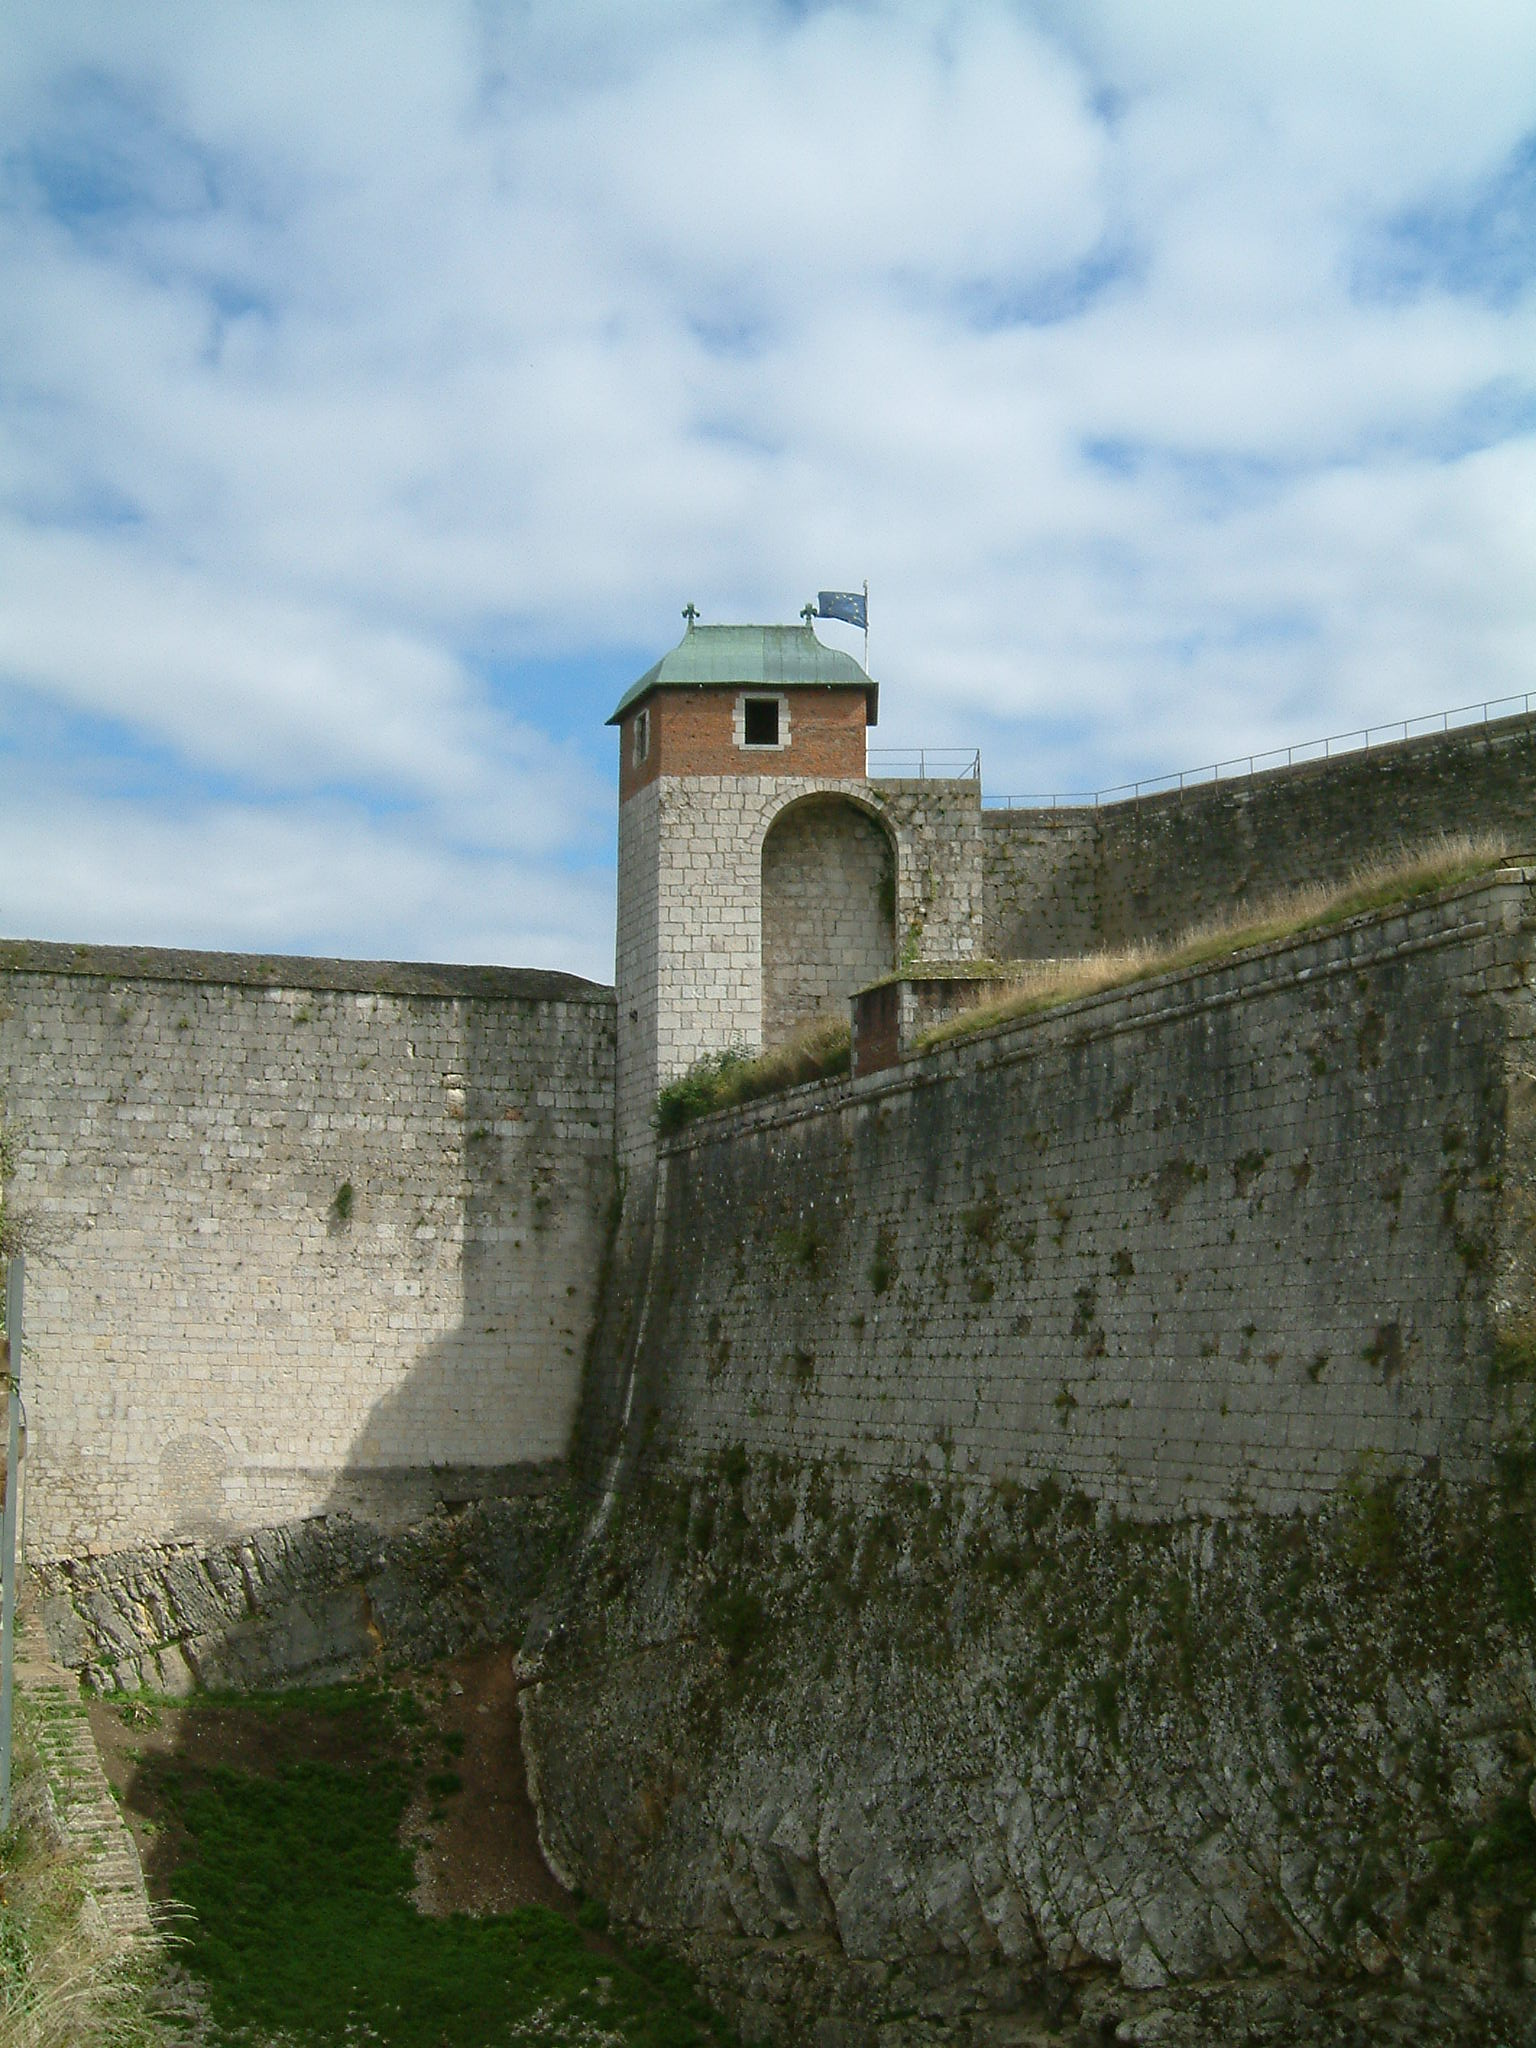 File:Citadelle de Besancon - Tour du Roi 01.jpg - Wikimedia Commons